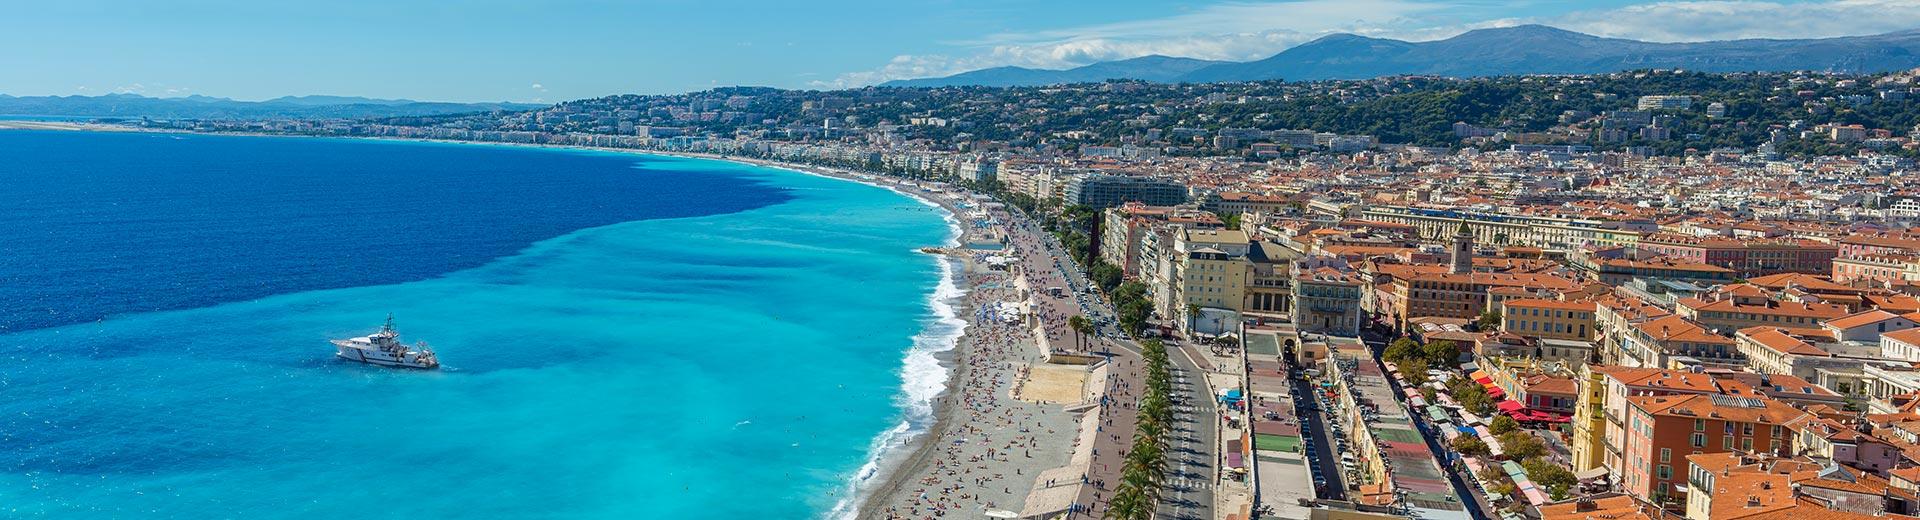 Städtereise Nizza